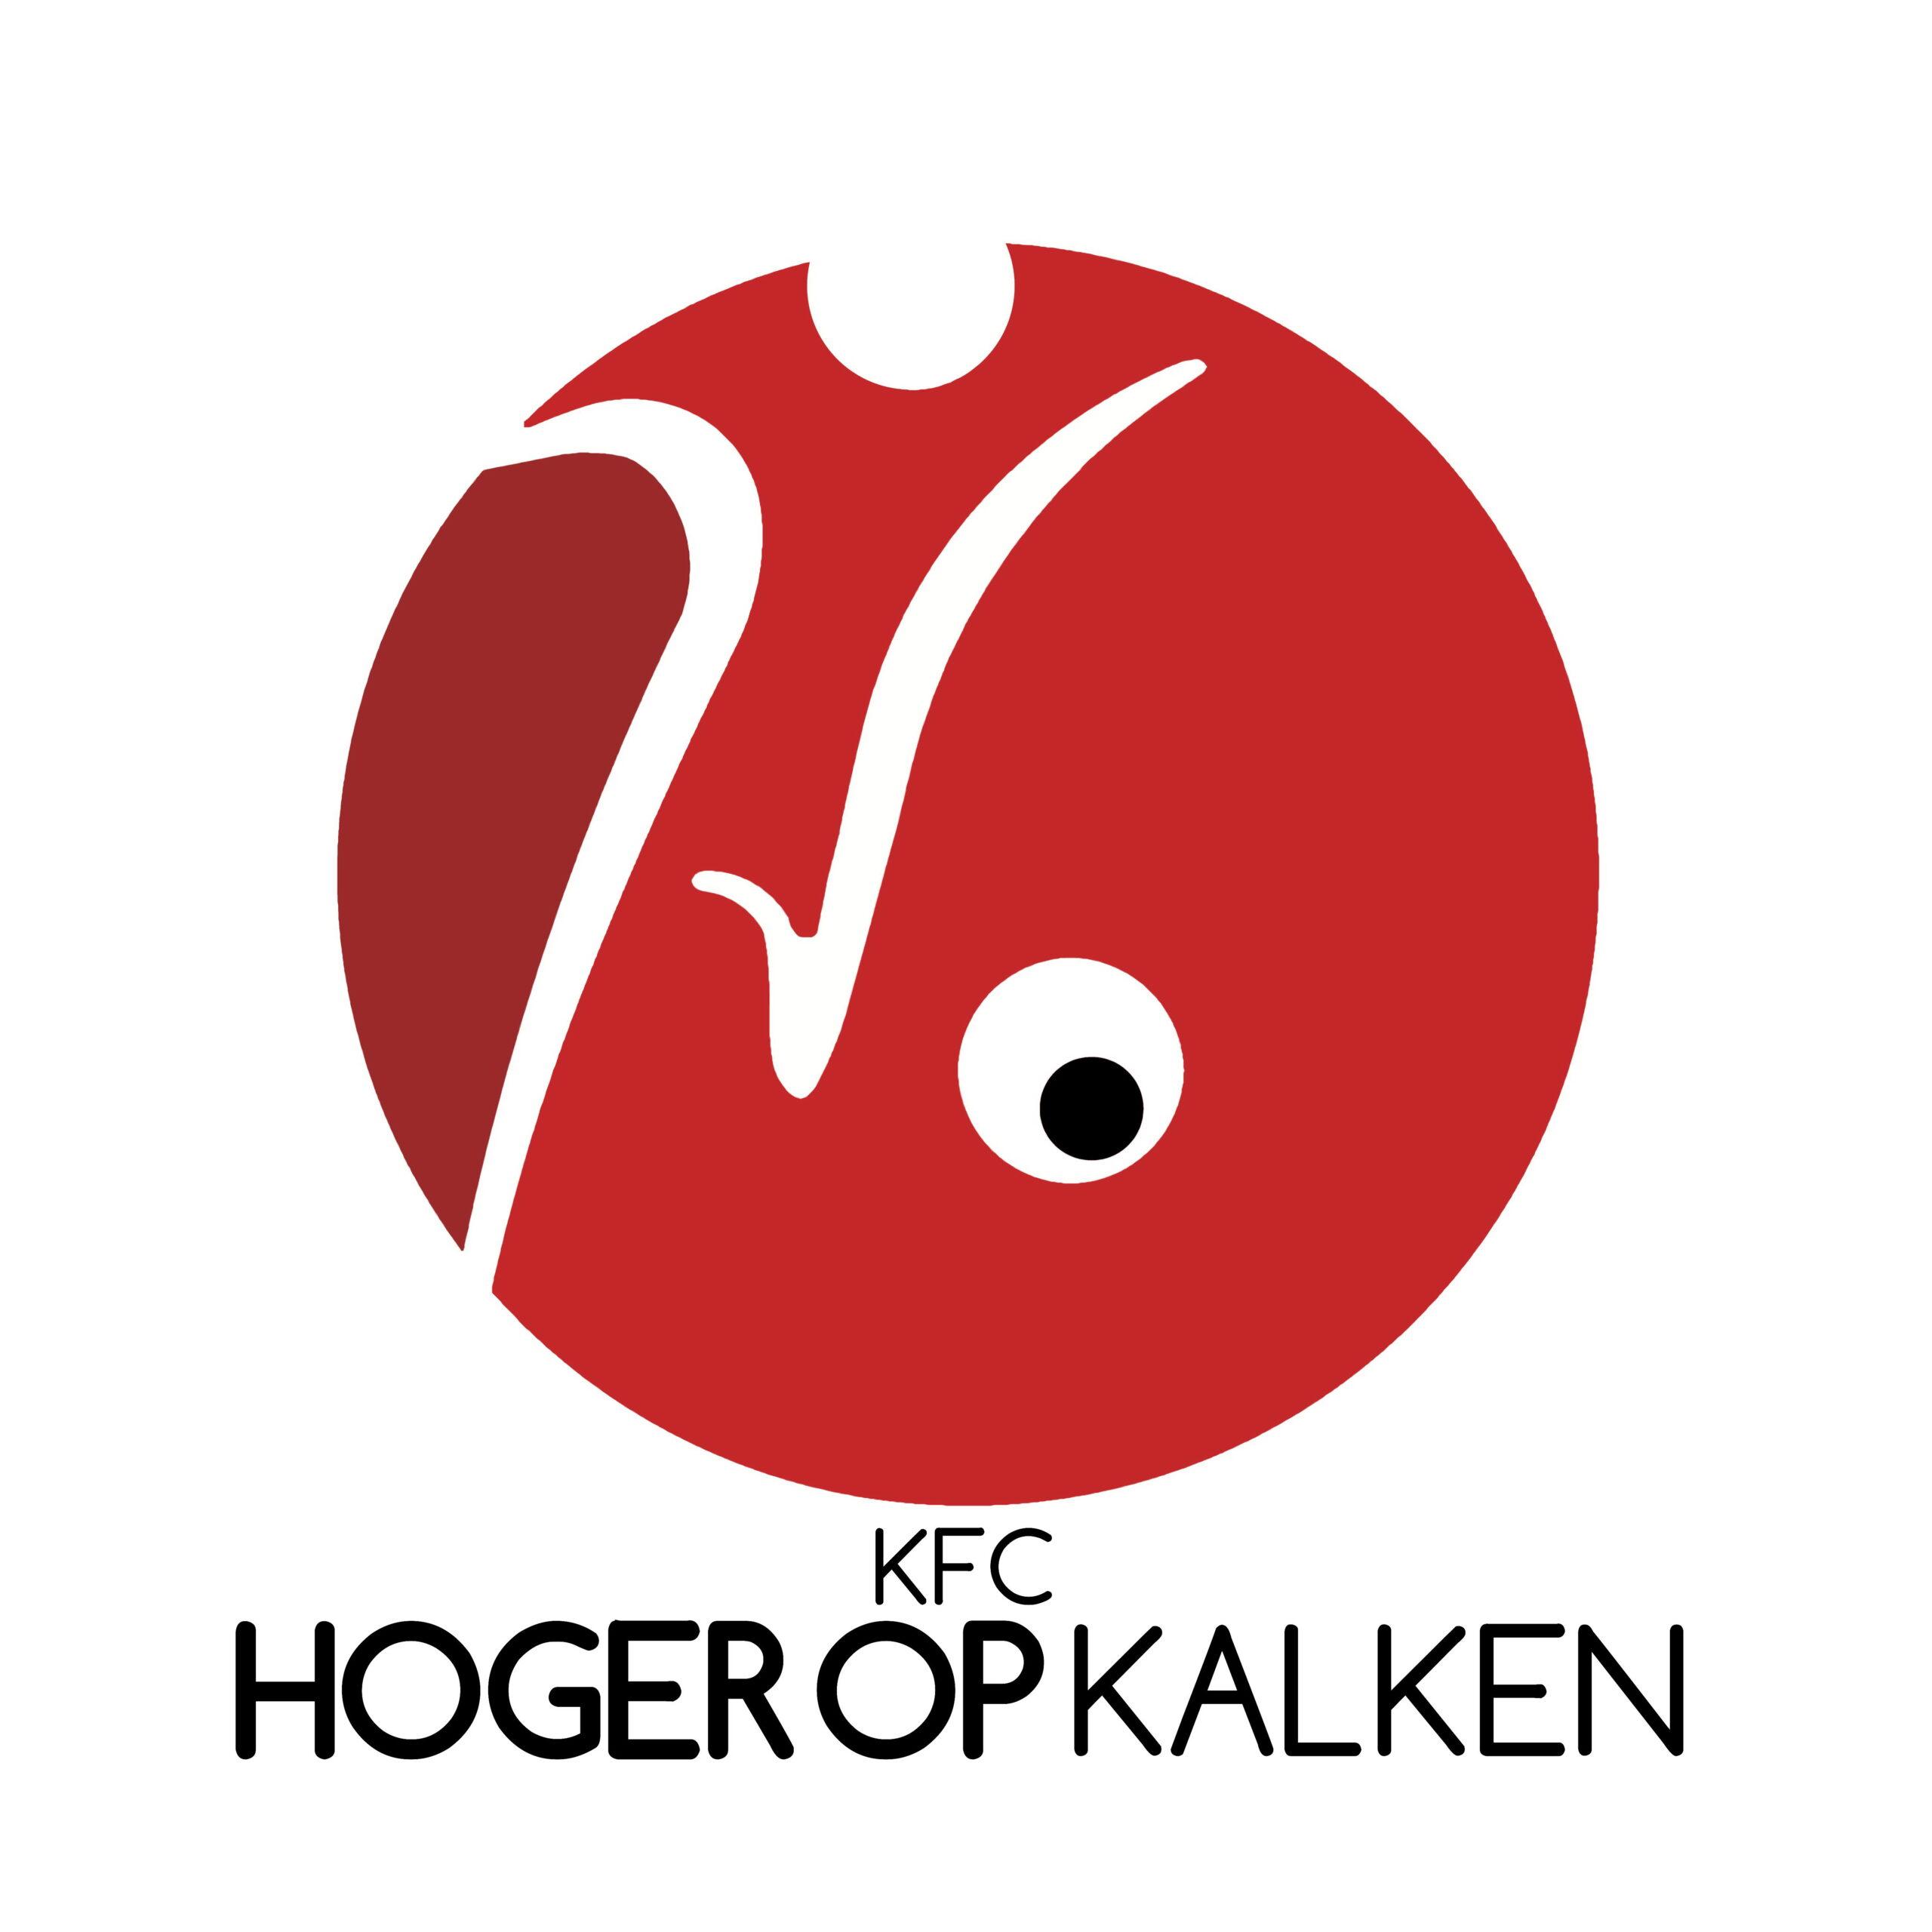 KFCHO Kalken A